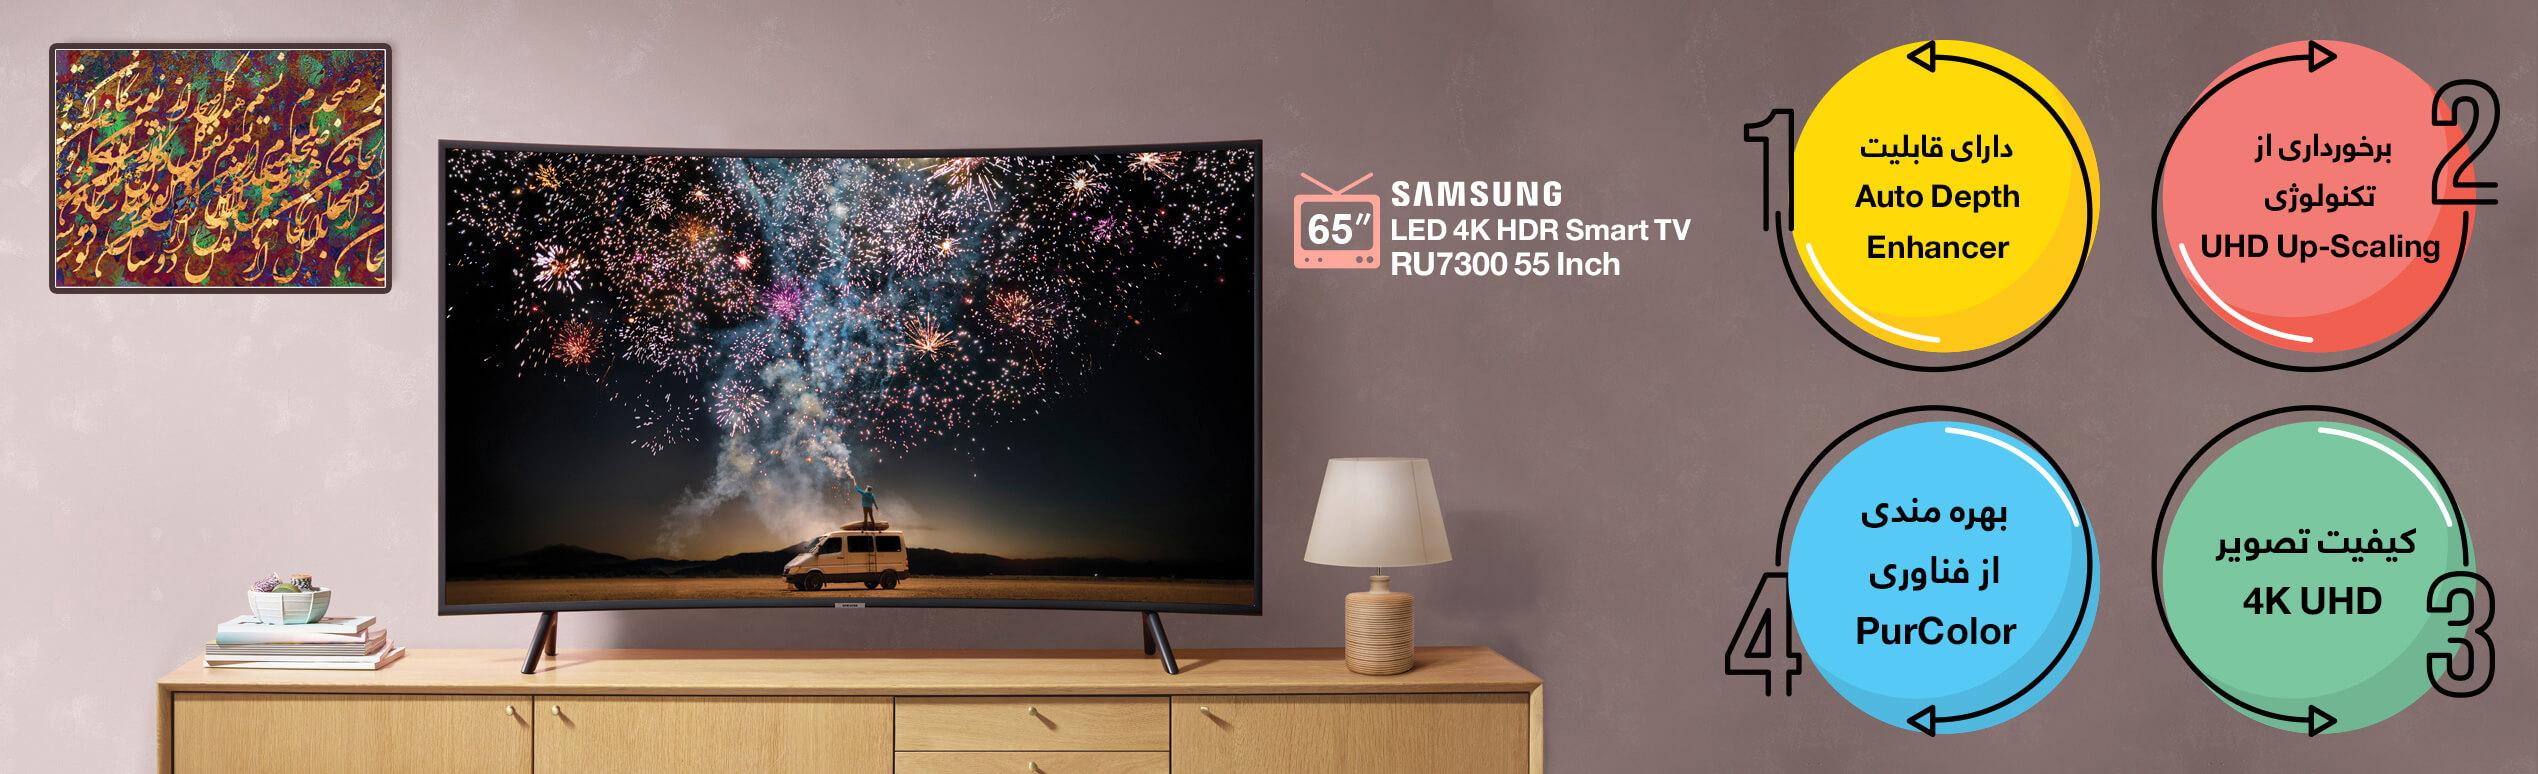 اینفوگرافی تلویزیون سامسونگ 55 اینچ RU7300